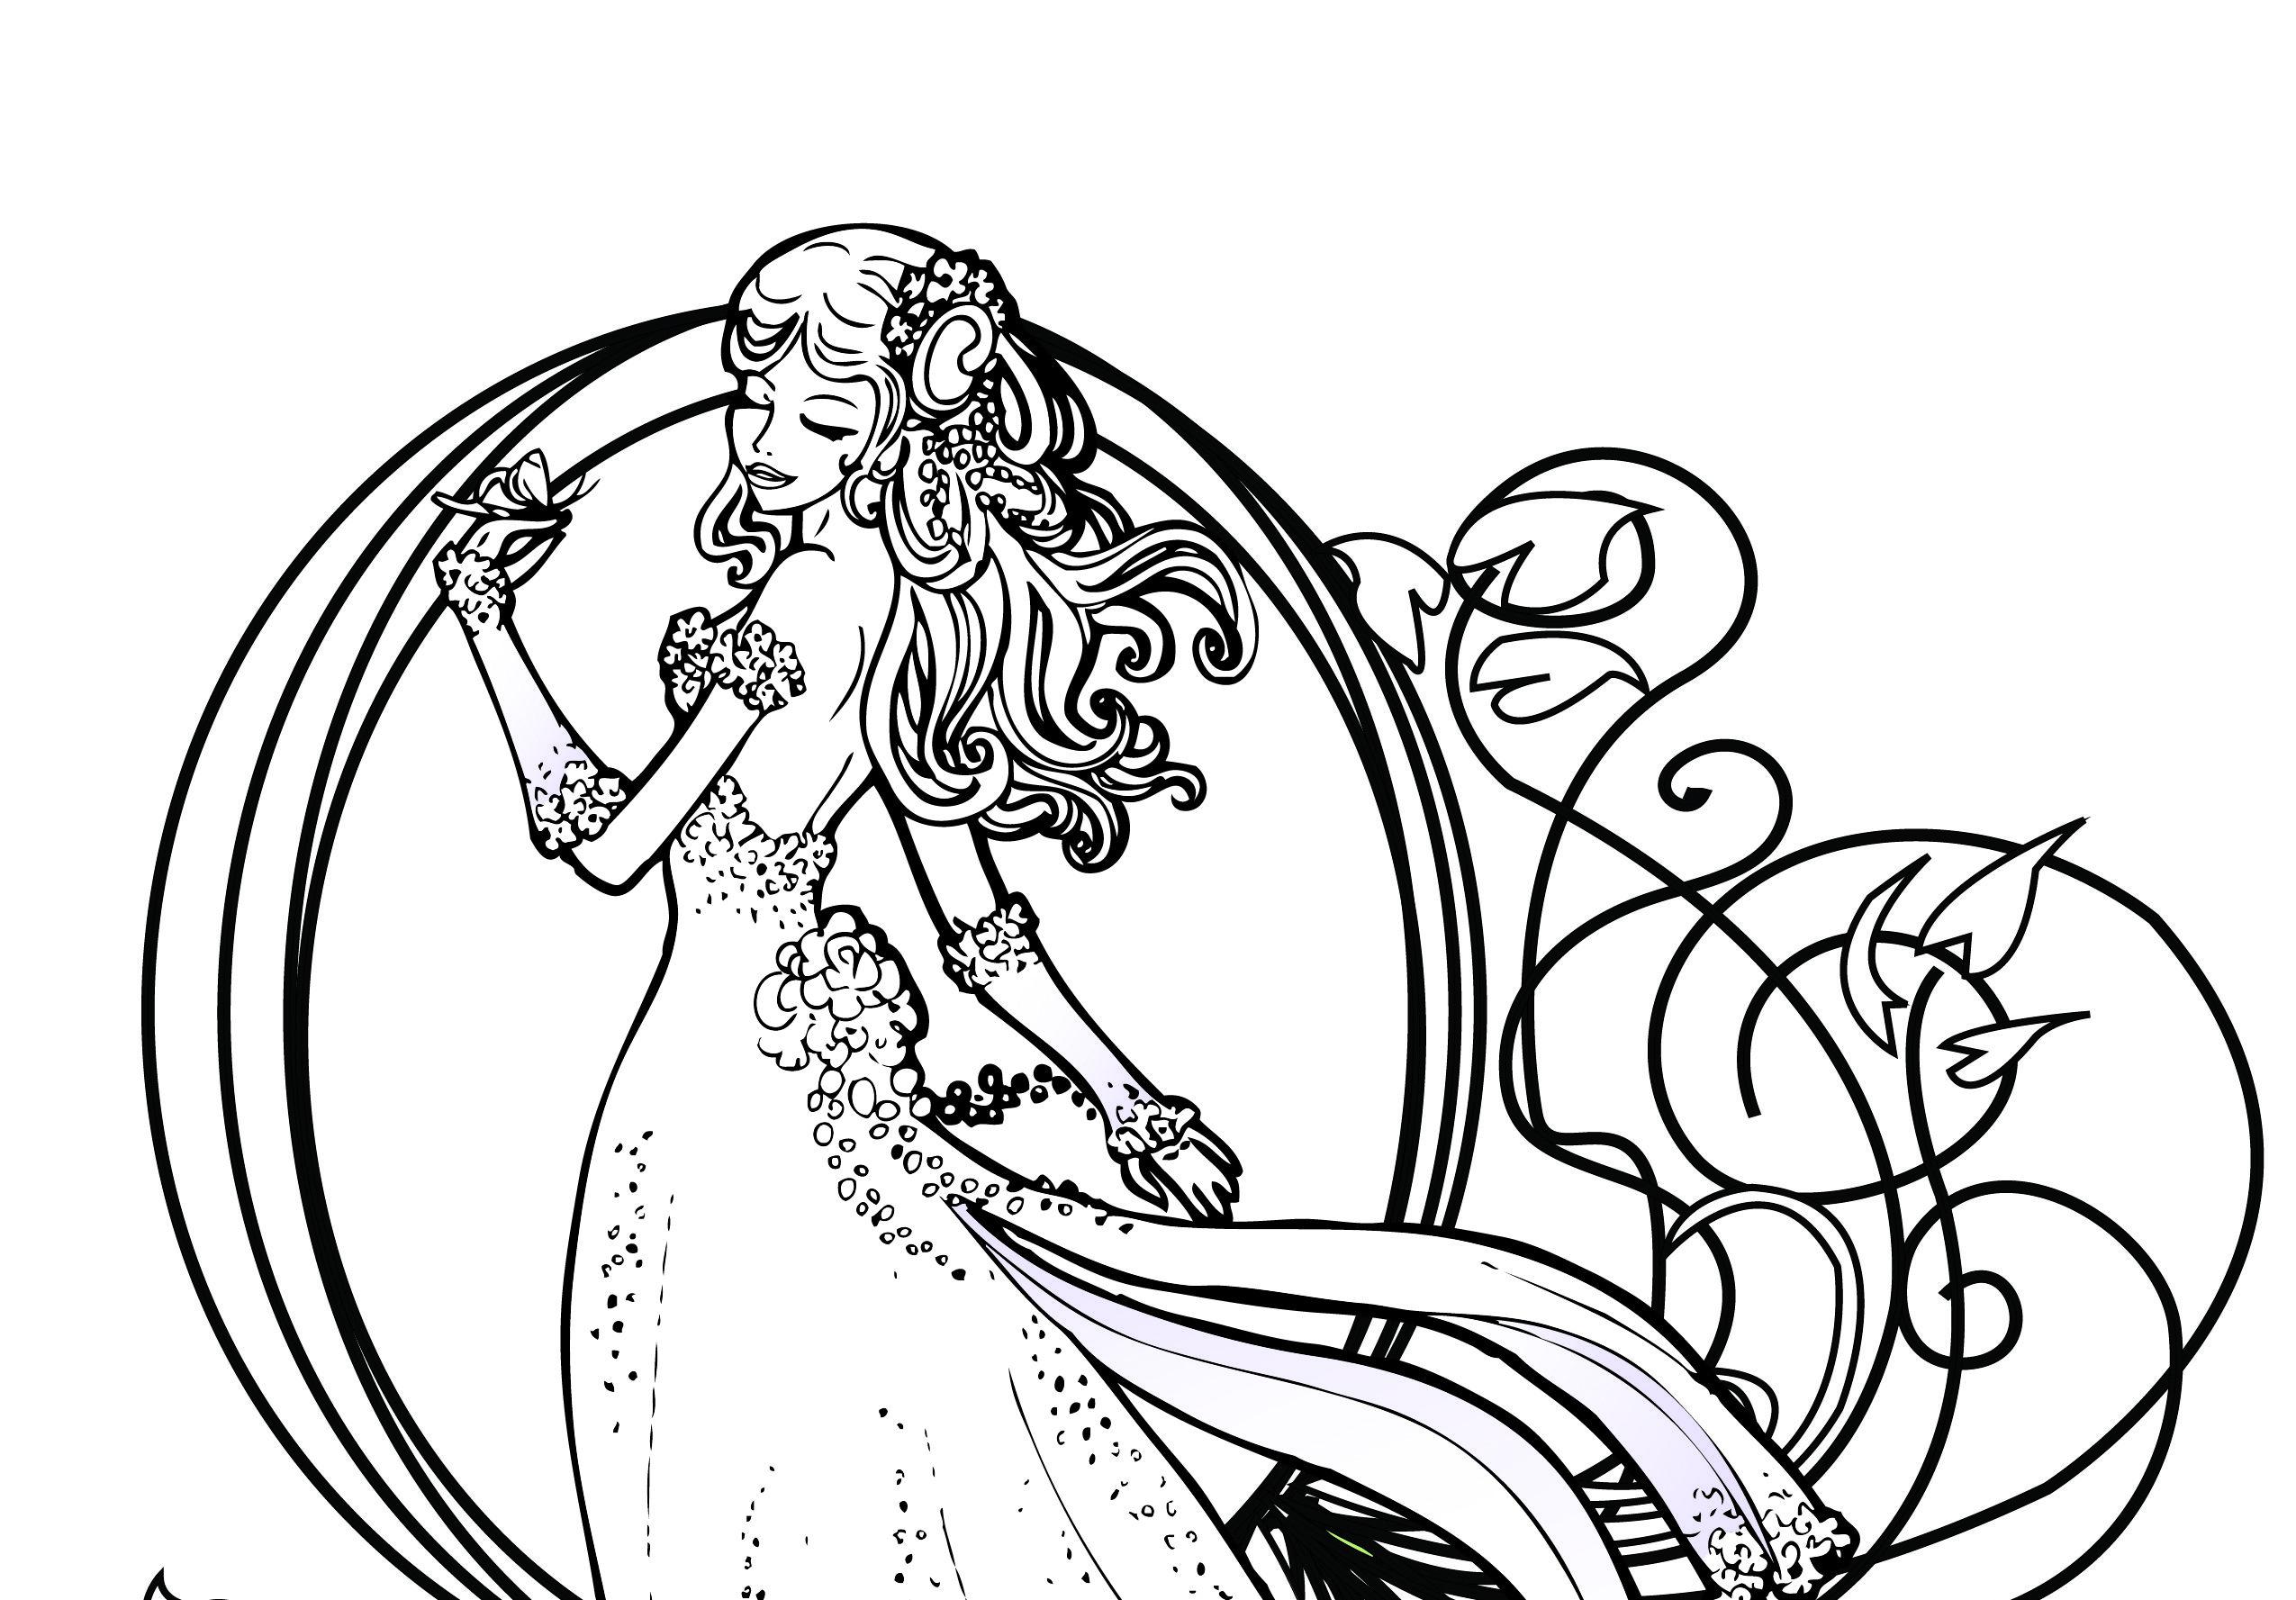 coloriage de princesse disney gratuit imprimer imprimez limage noirblanc coloriez ce